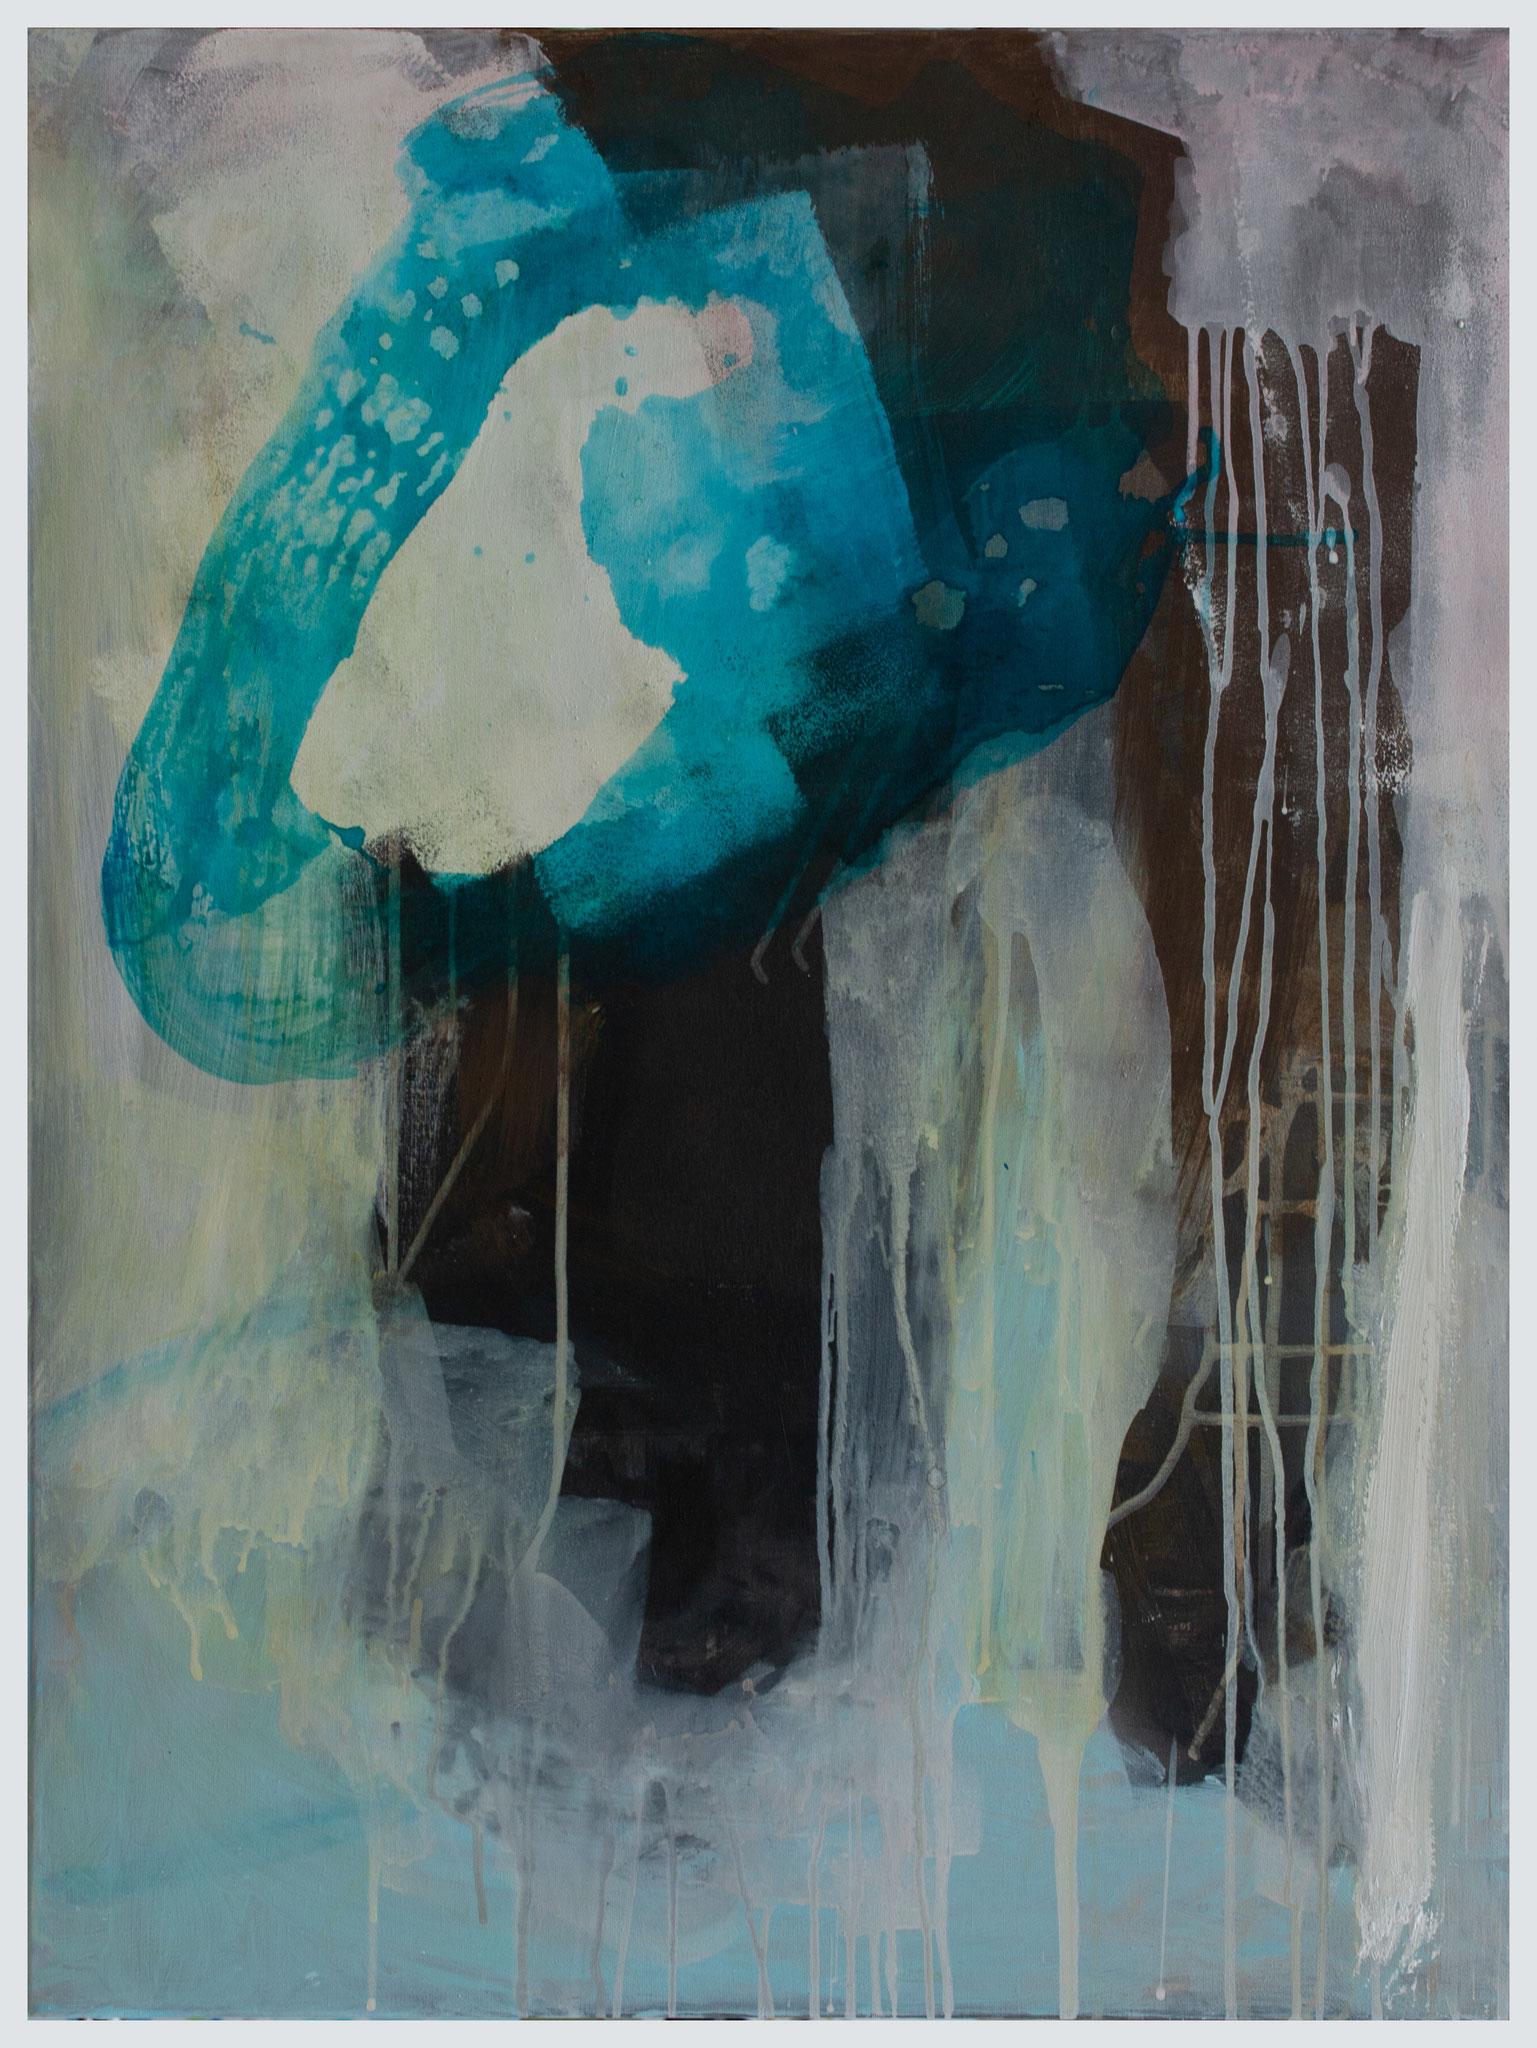 Acryl, ecoline op canvas, 80x60 cm 2020 'Blue form'